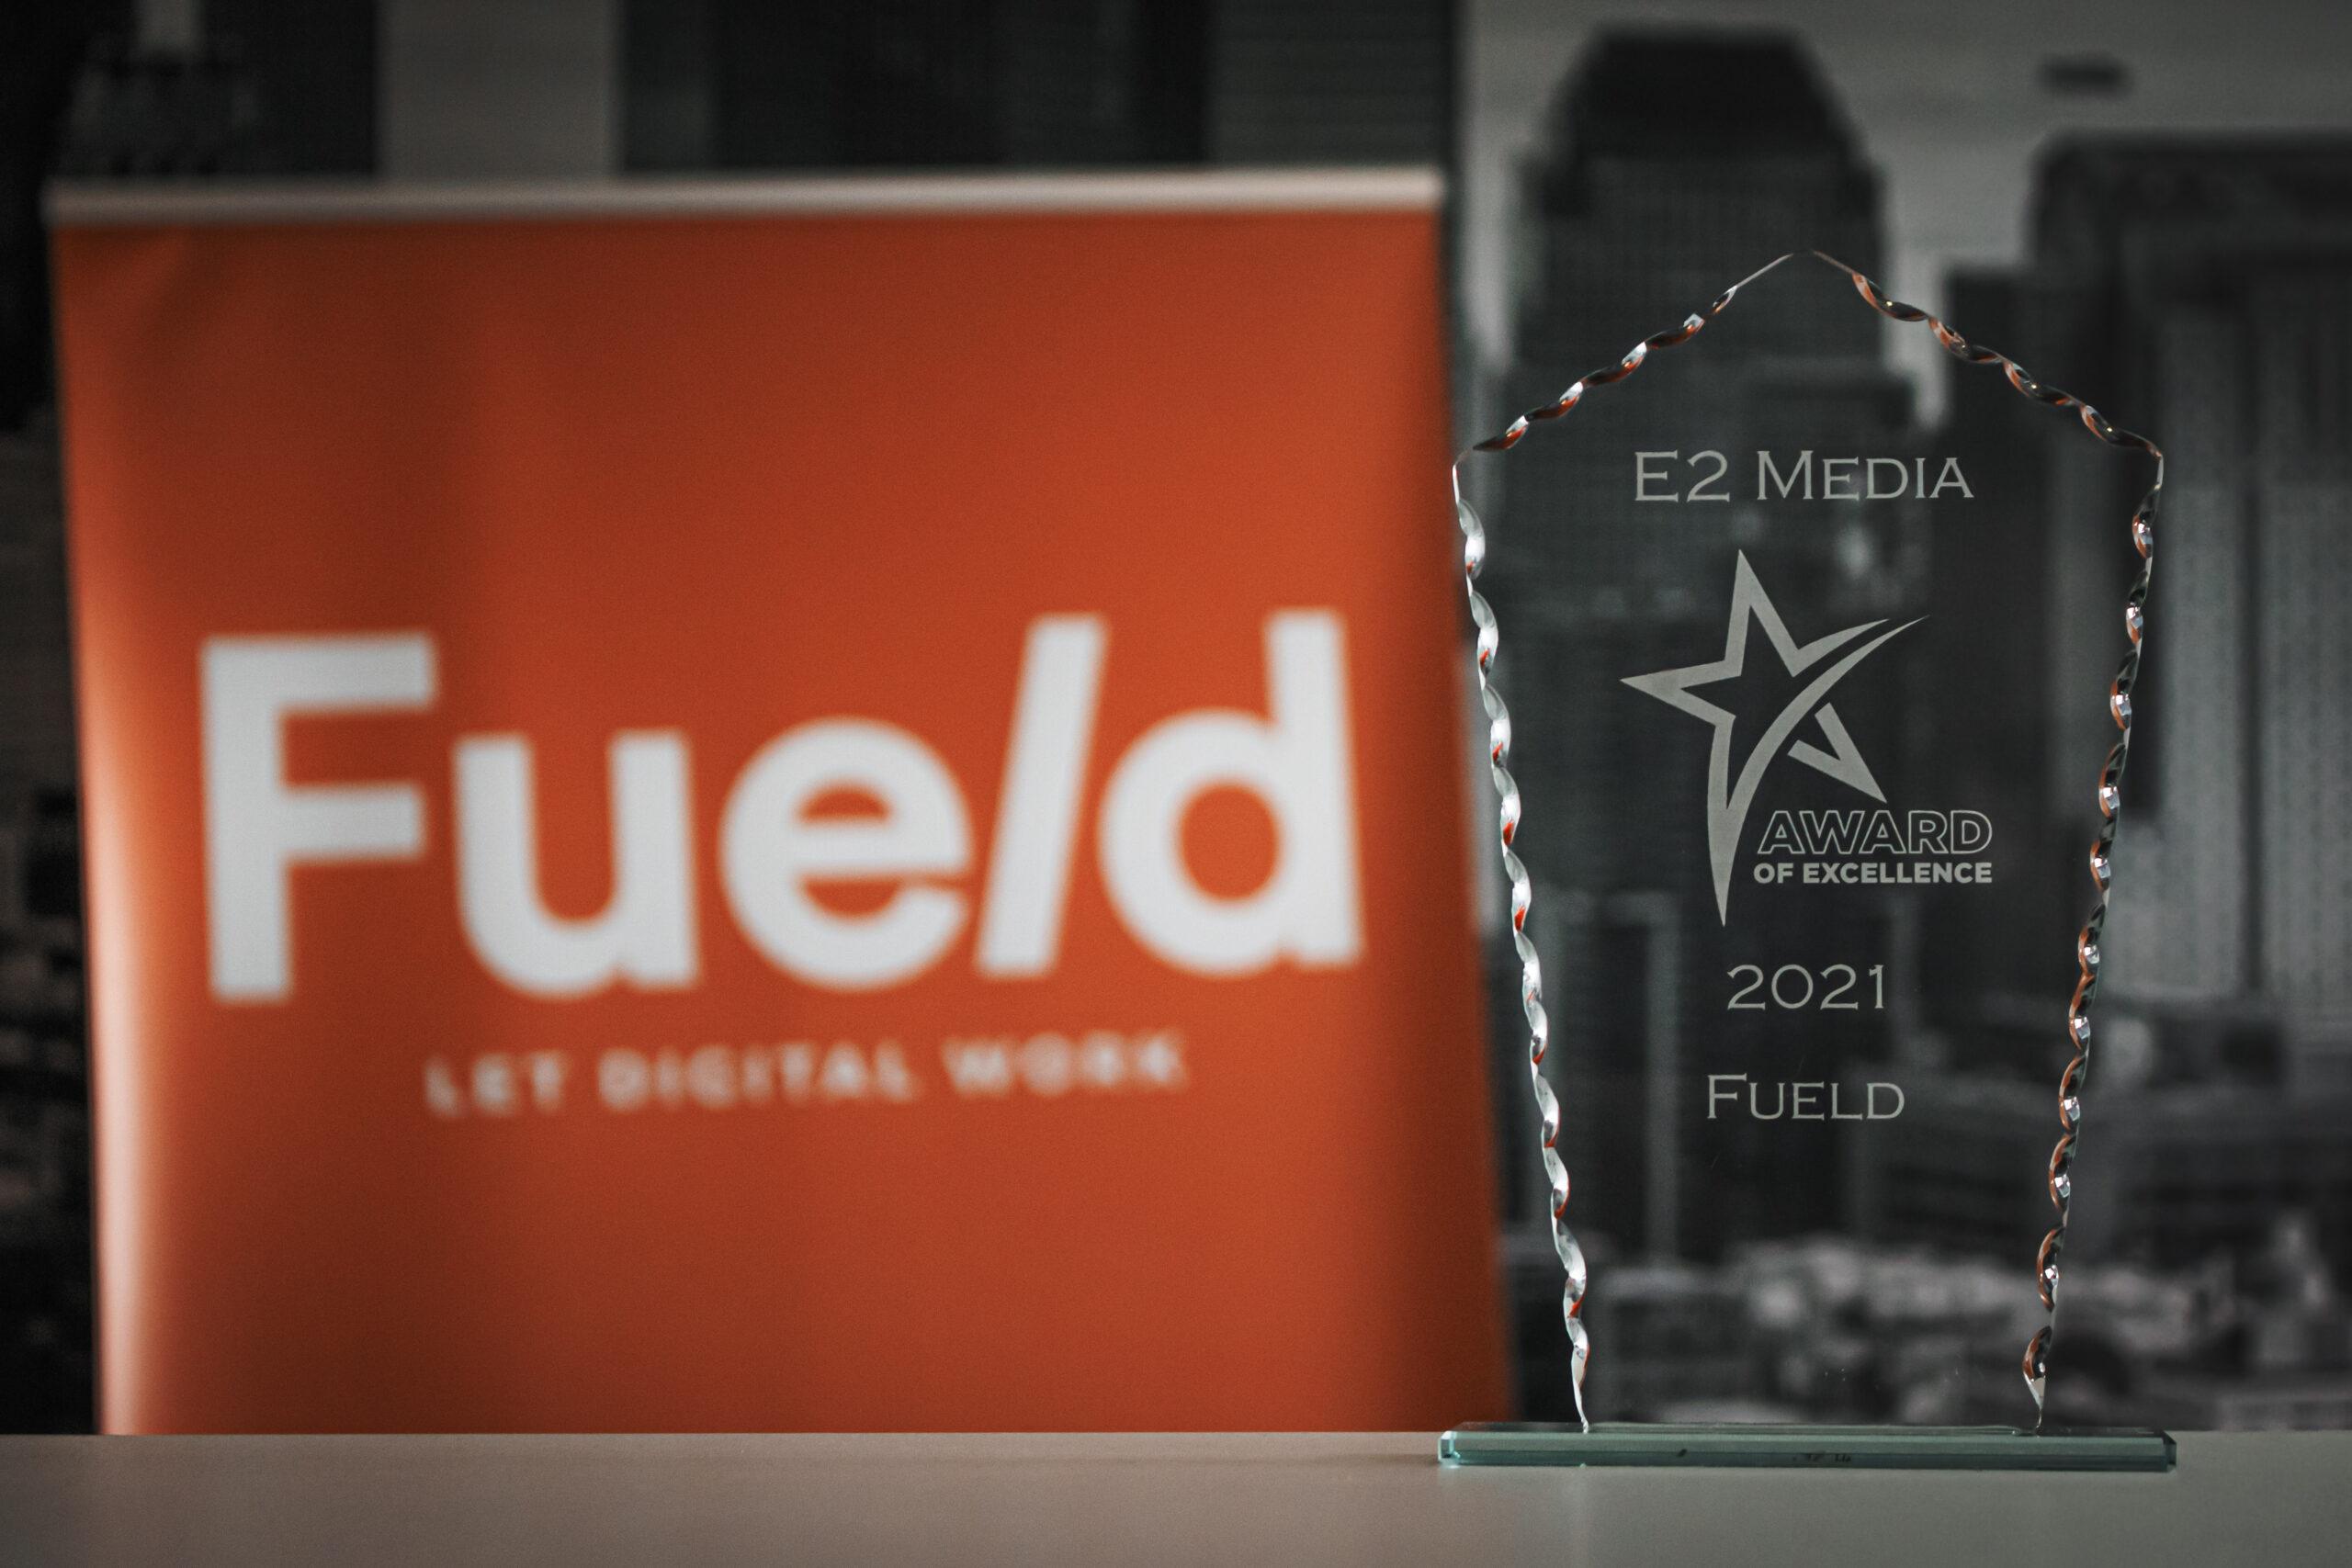 Fueld award voor banner